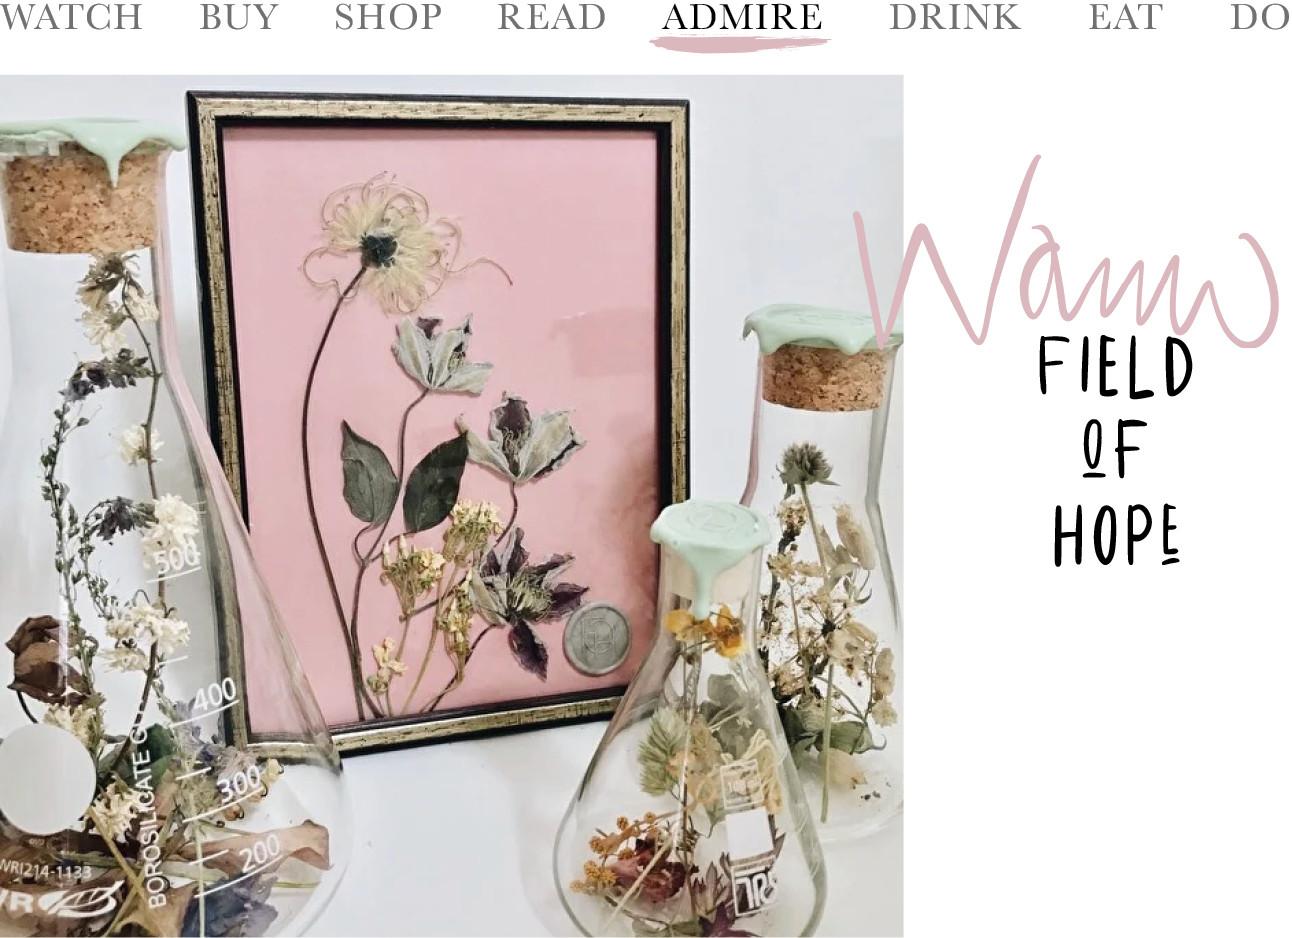 beeld van gedroogde bloemen in een lijstje en een vaasje